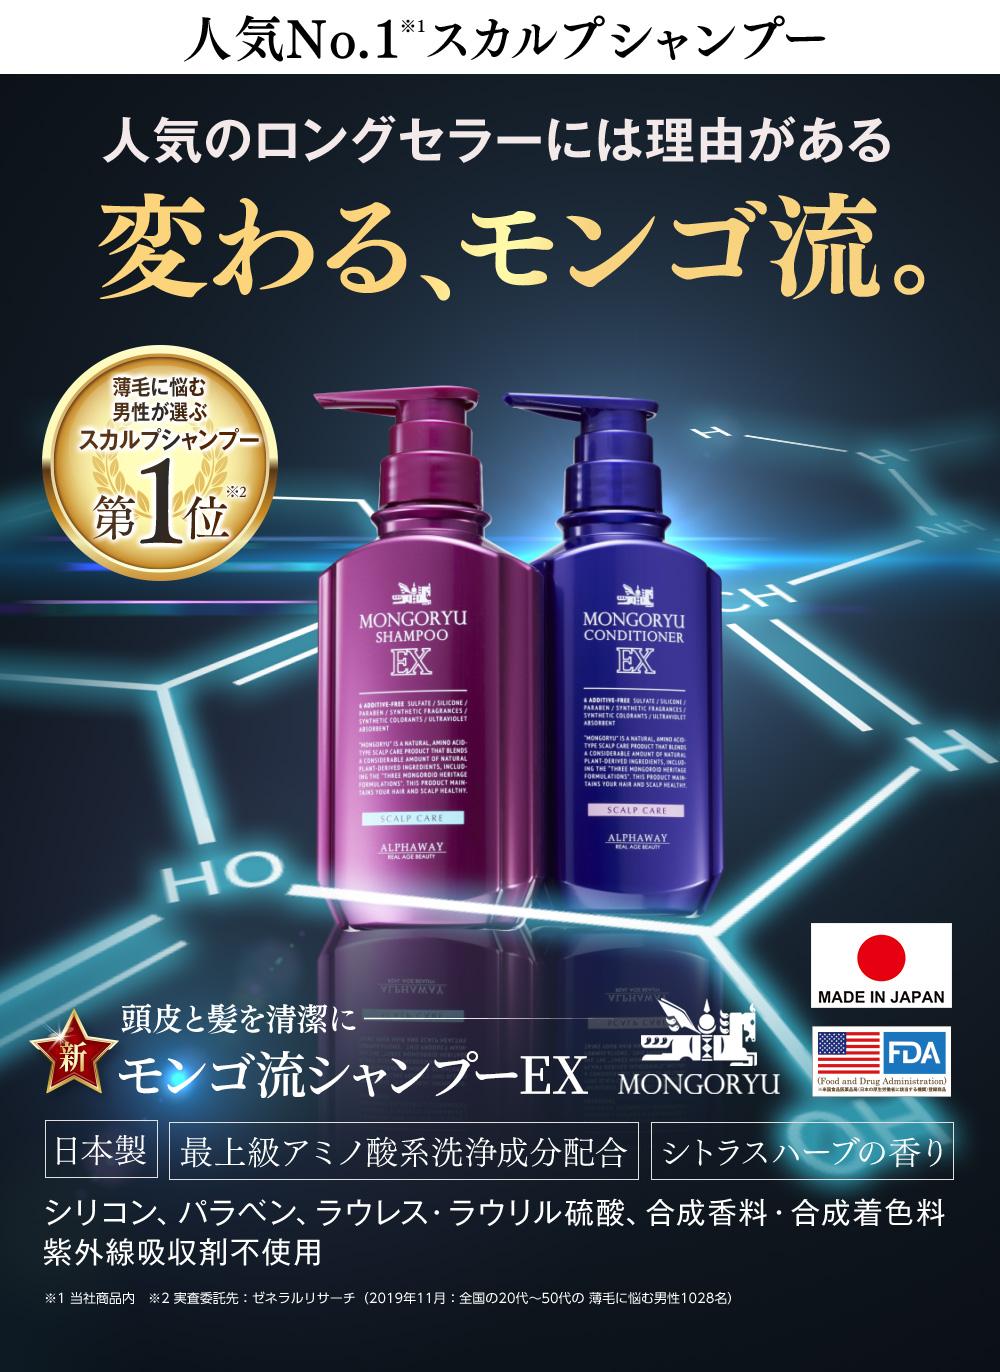 人気NO.1 スカルプシャンプー 洗浄力が髪の運命を決す!髪、自ら育つ頭皮へ